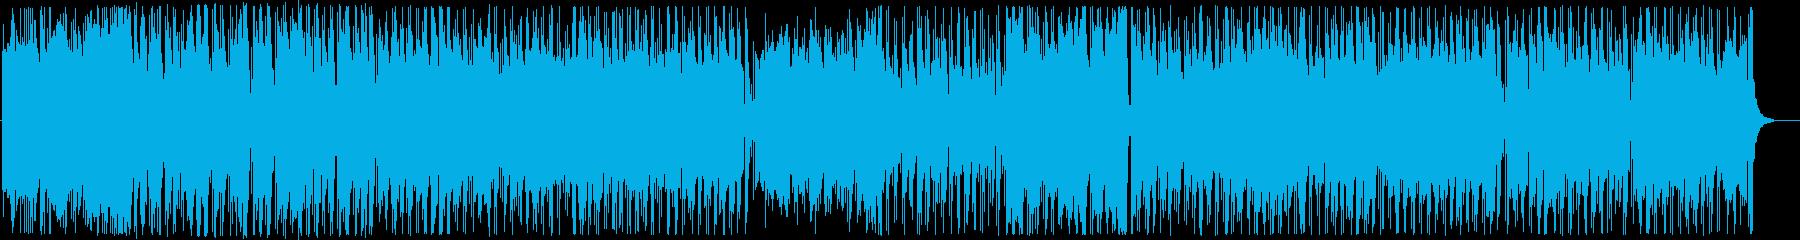 スローバチャータ。ラテンボールルー...の再生済みの波形